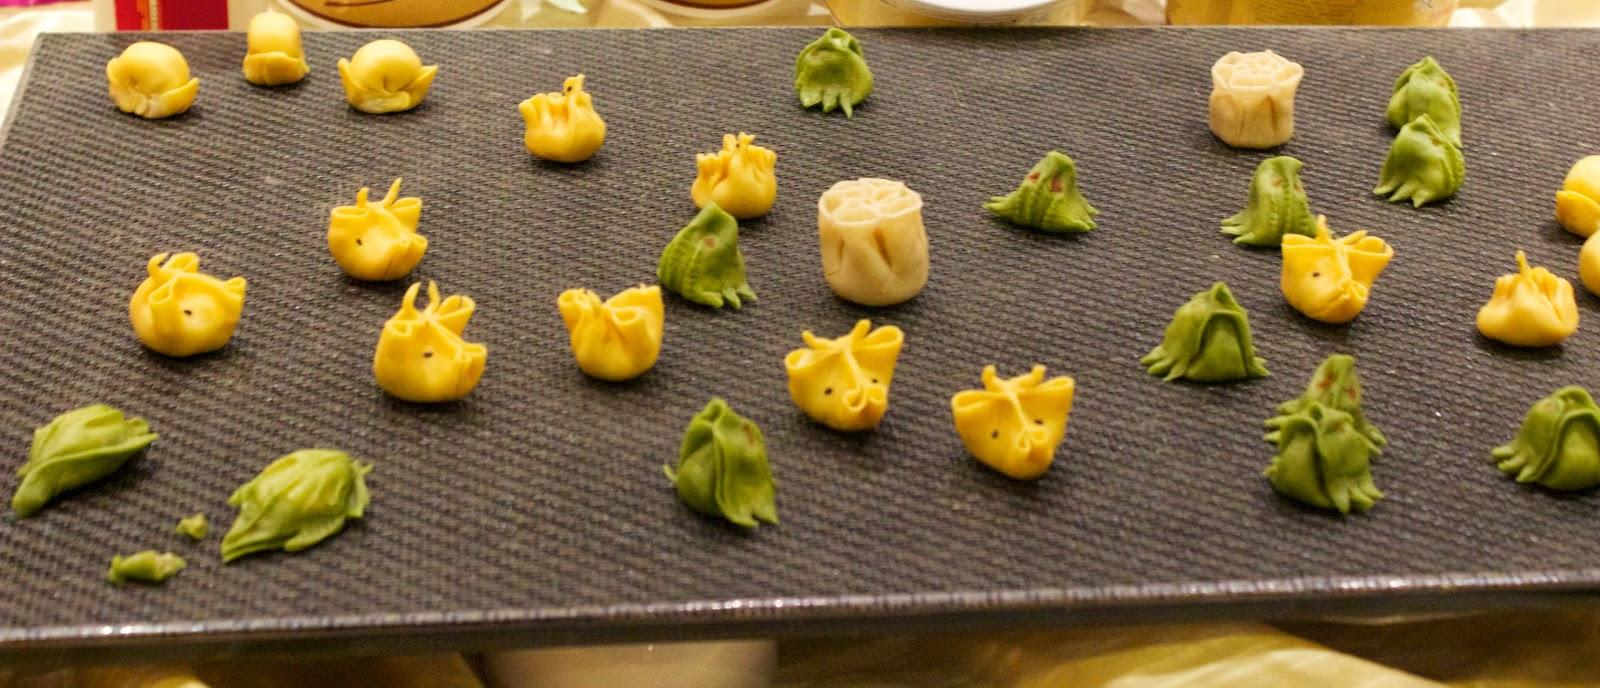 dumpling banquet xian